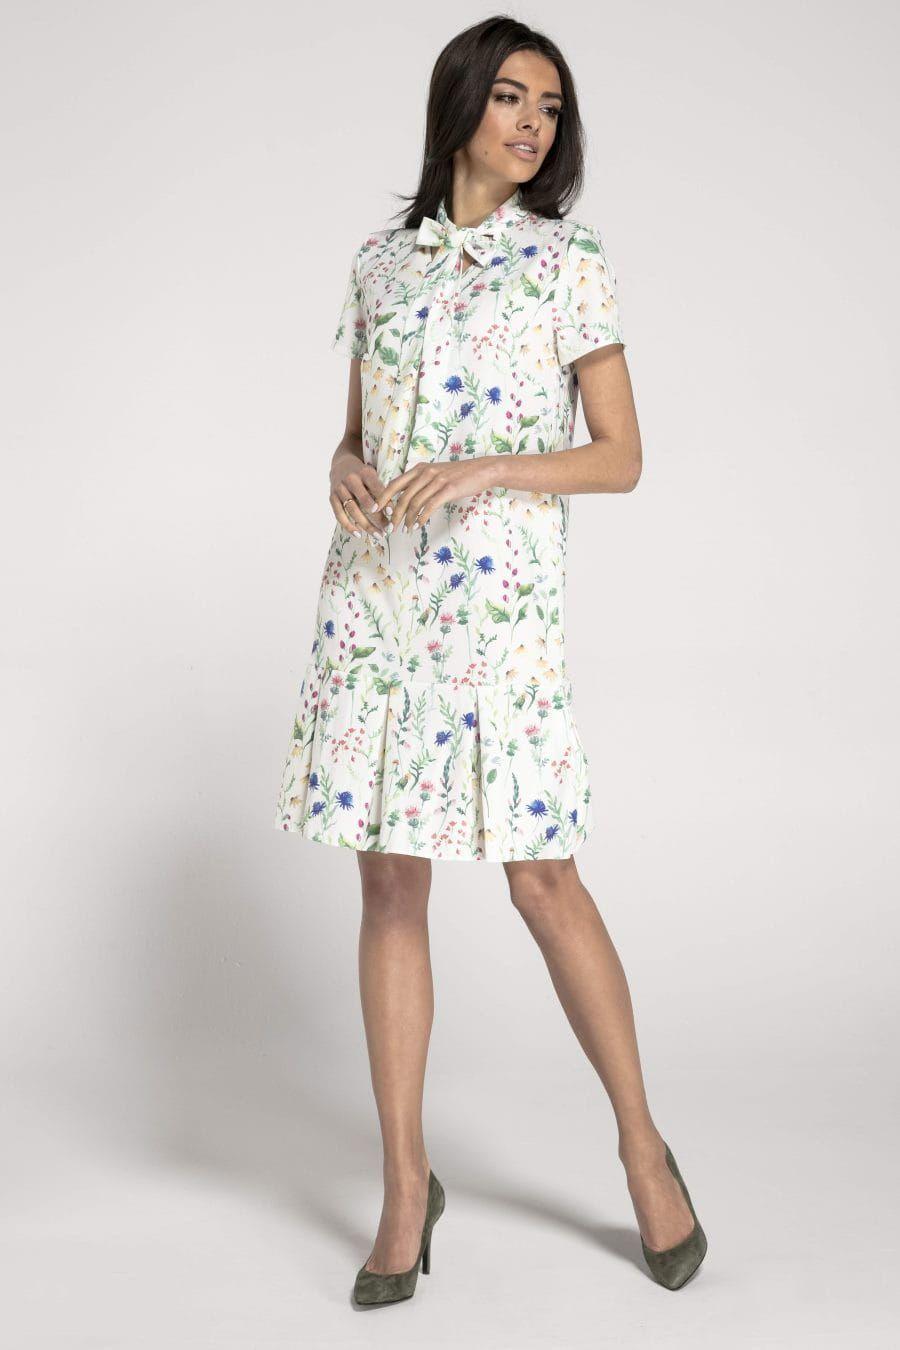 Sukienka Z Ozdobna Falbana I Wiazaniem Przy Dekolcie Biala W Kwiaty Na1017 Summer Dresses Dresses High Neck Dress